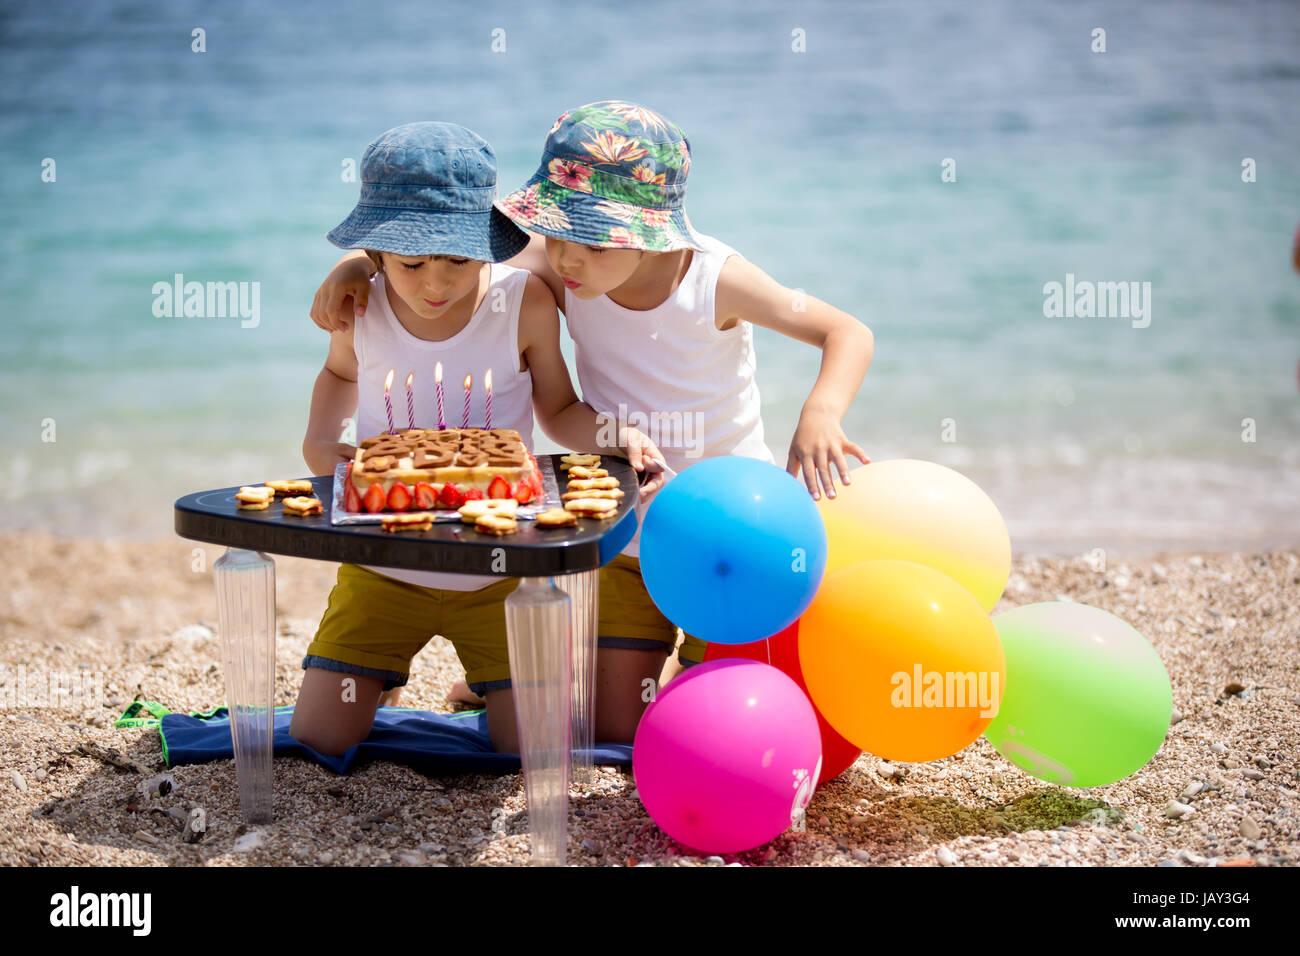 Sweet little crianças, twin boys, celebrando seu sexto aniversário na praia, bolo, balões, velas, Imagens de Stock